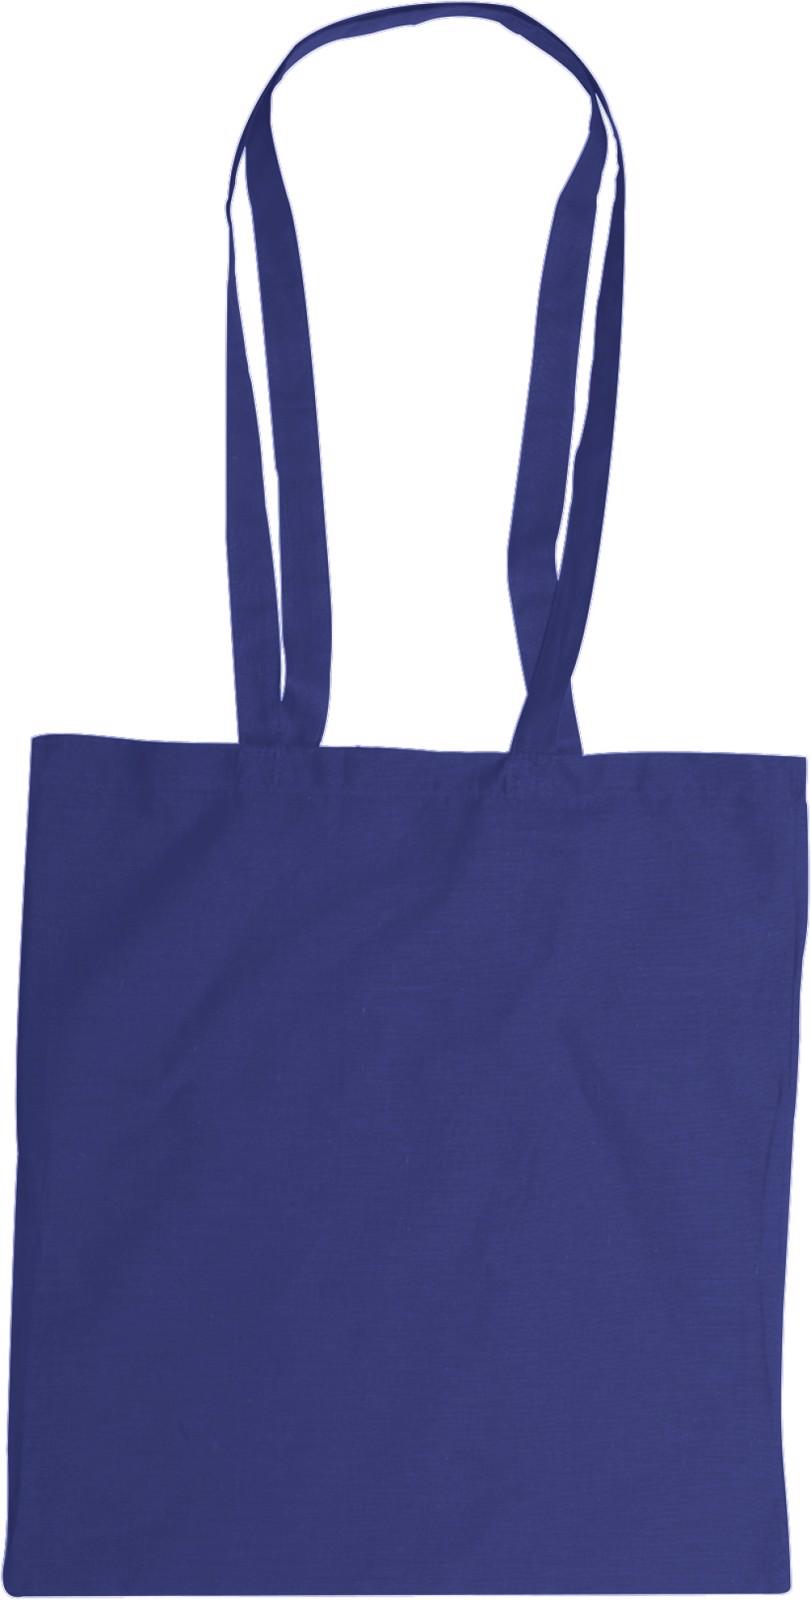 Cotton (110 gr/m²) bag - Blue